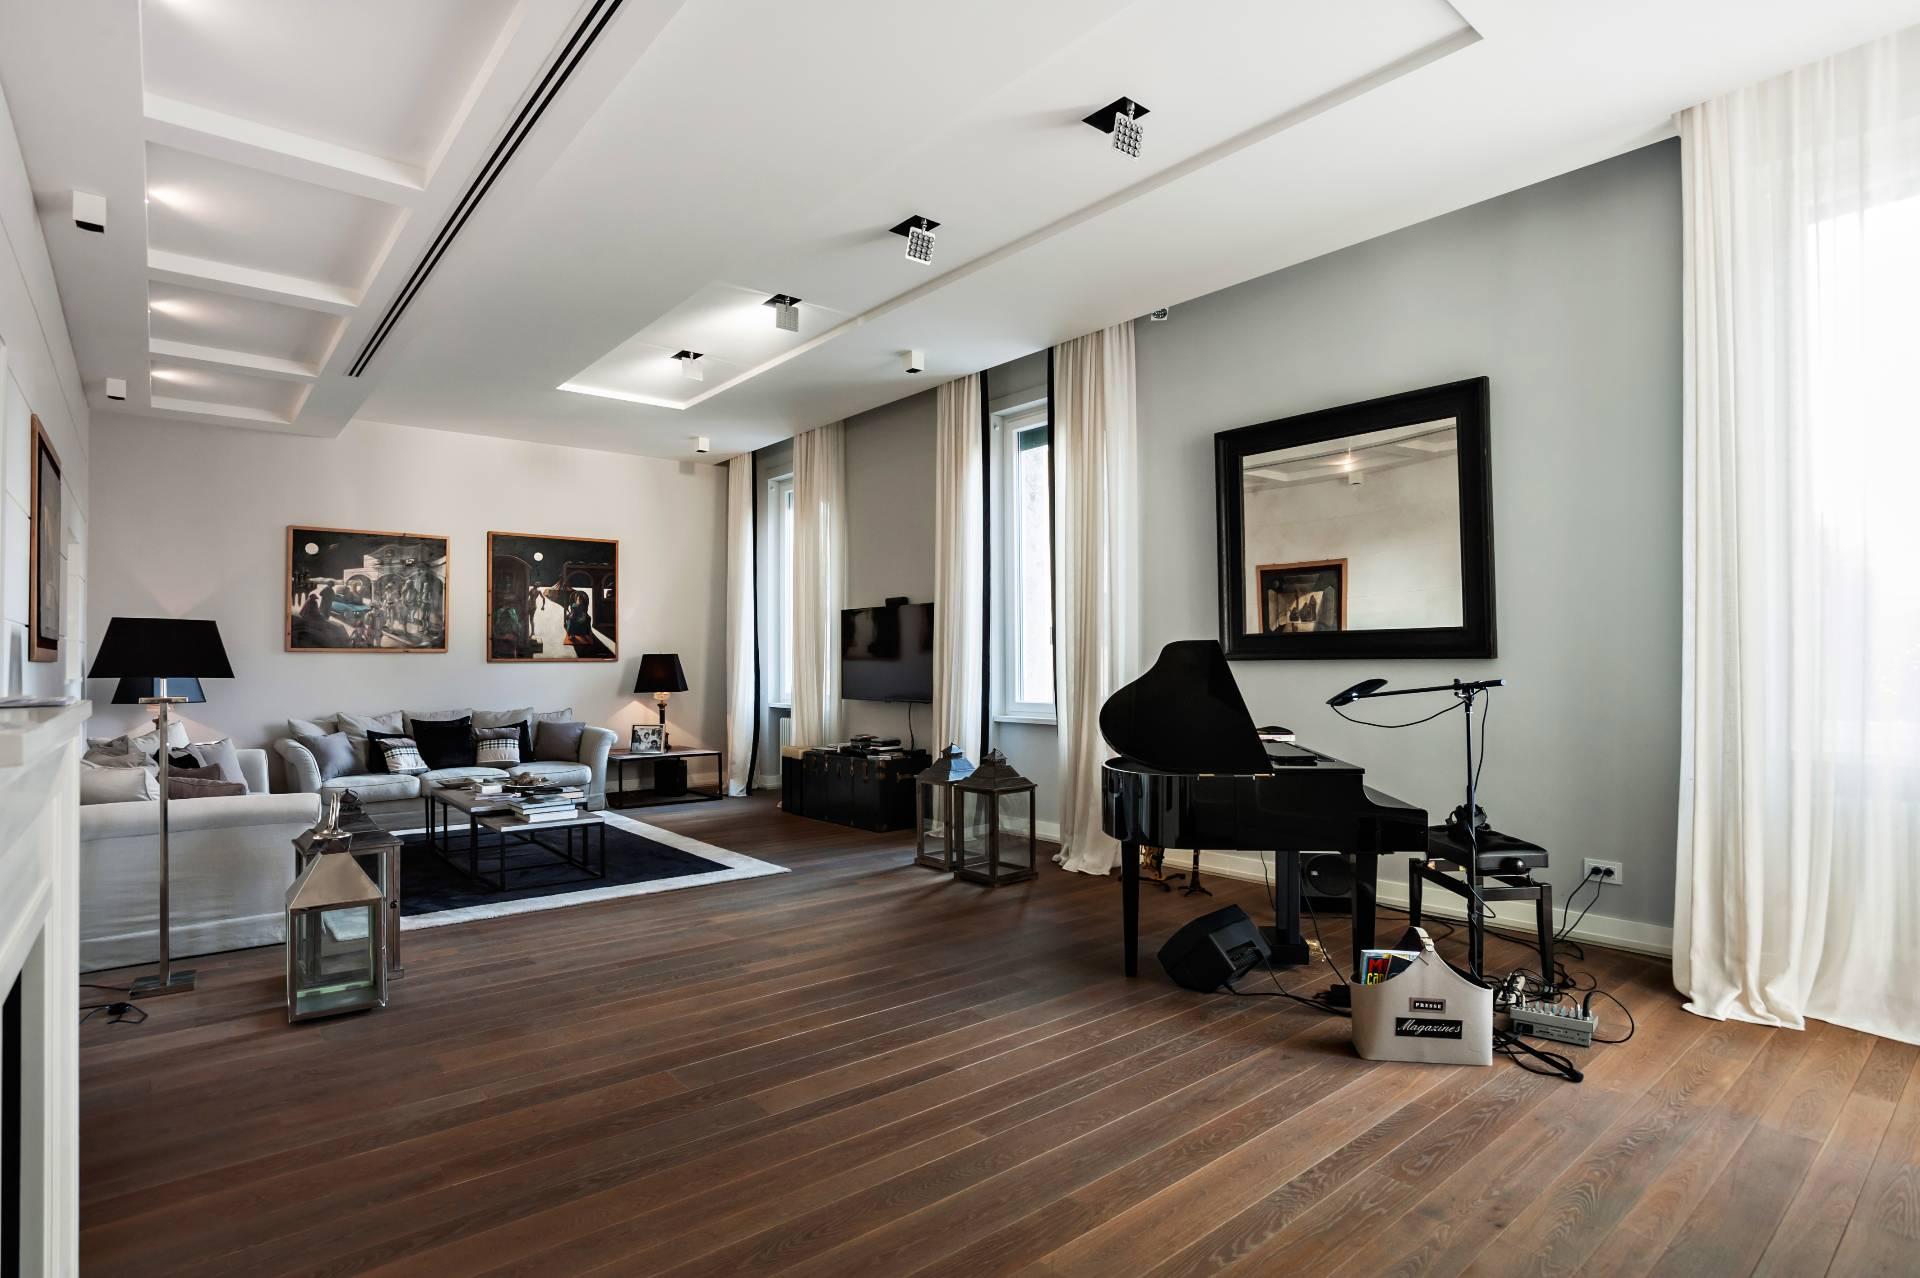 Cbi038 143 30101ab appartamento in vendita a roma for Vendesi palestra roma